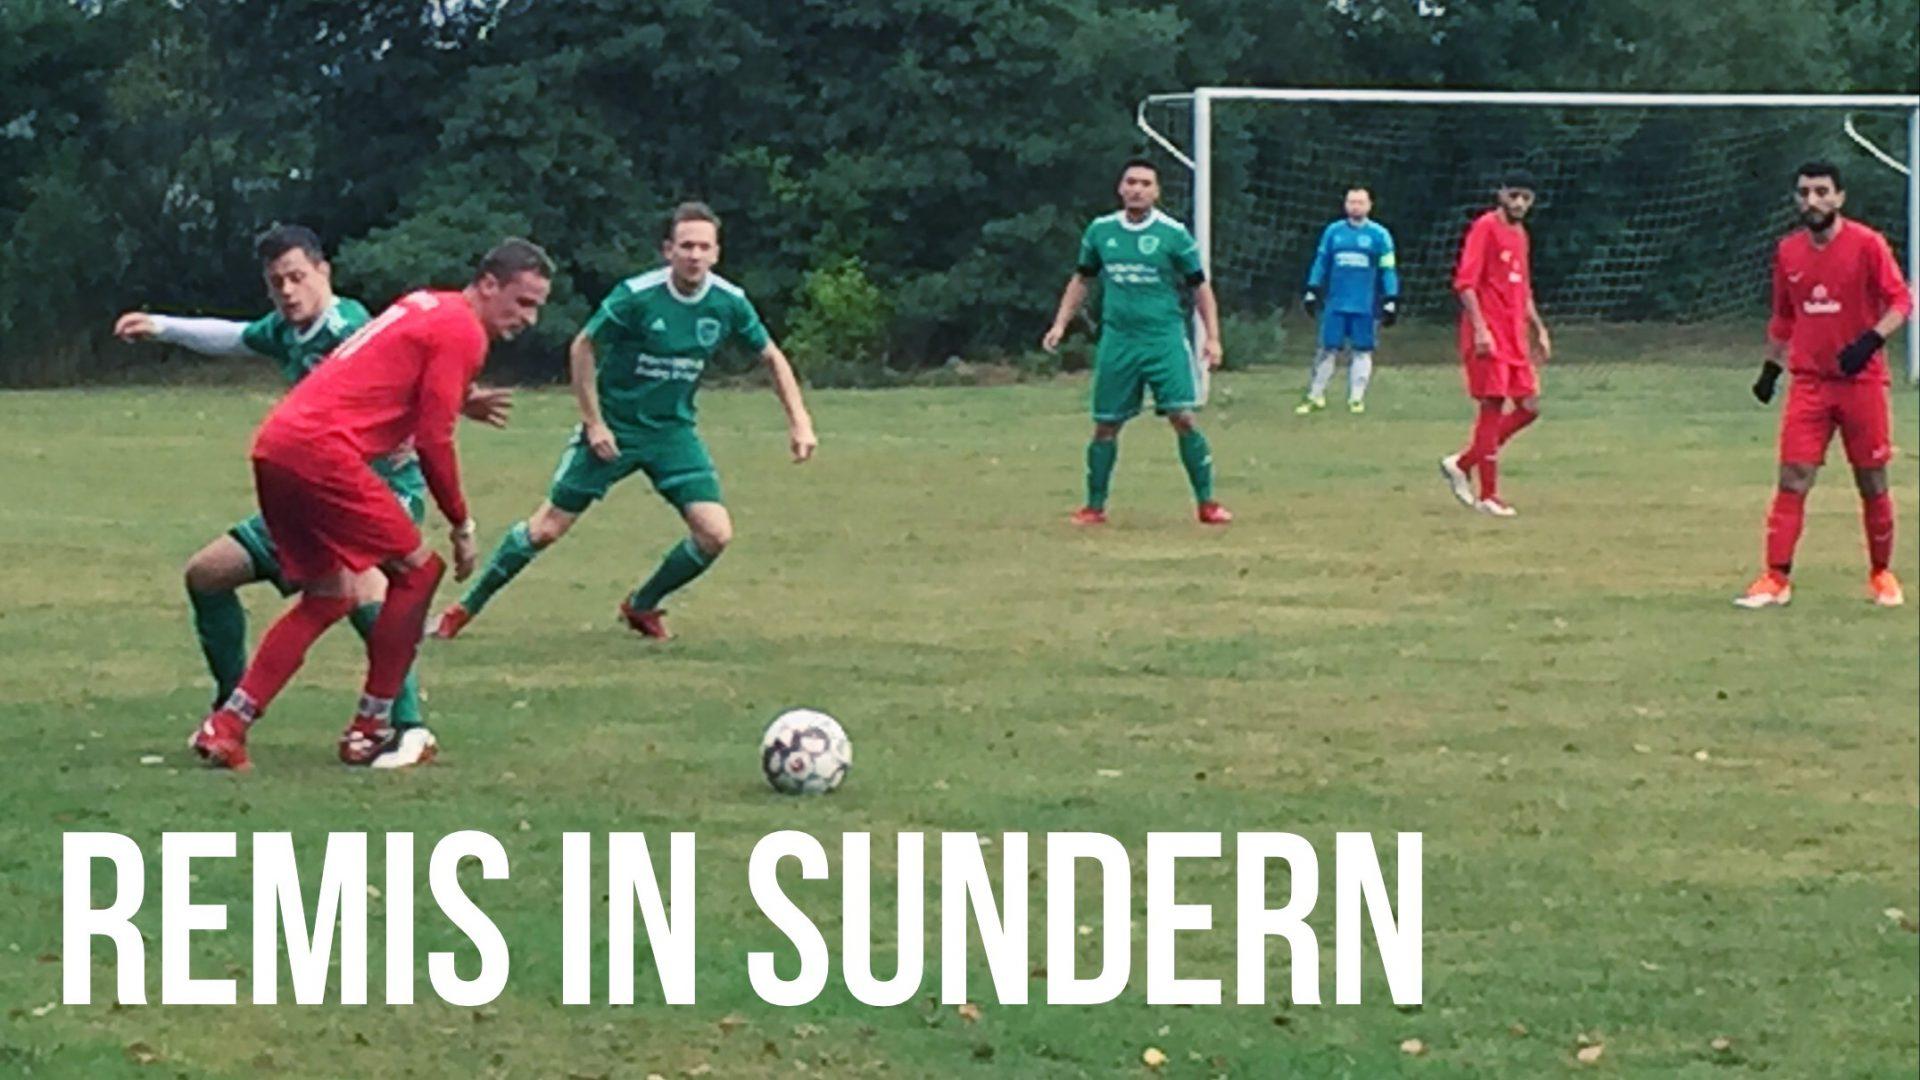 Spielszene vom Auswärtsspiel der ersten Mannschaft gegen den SV Sundern am 18.08.2019